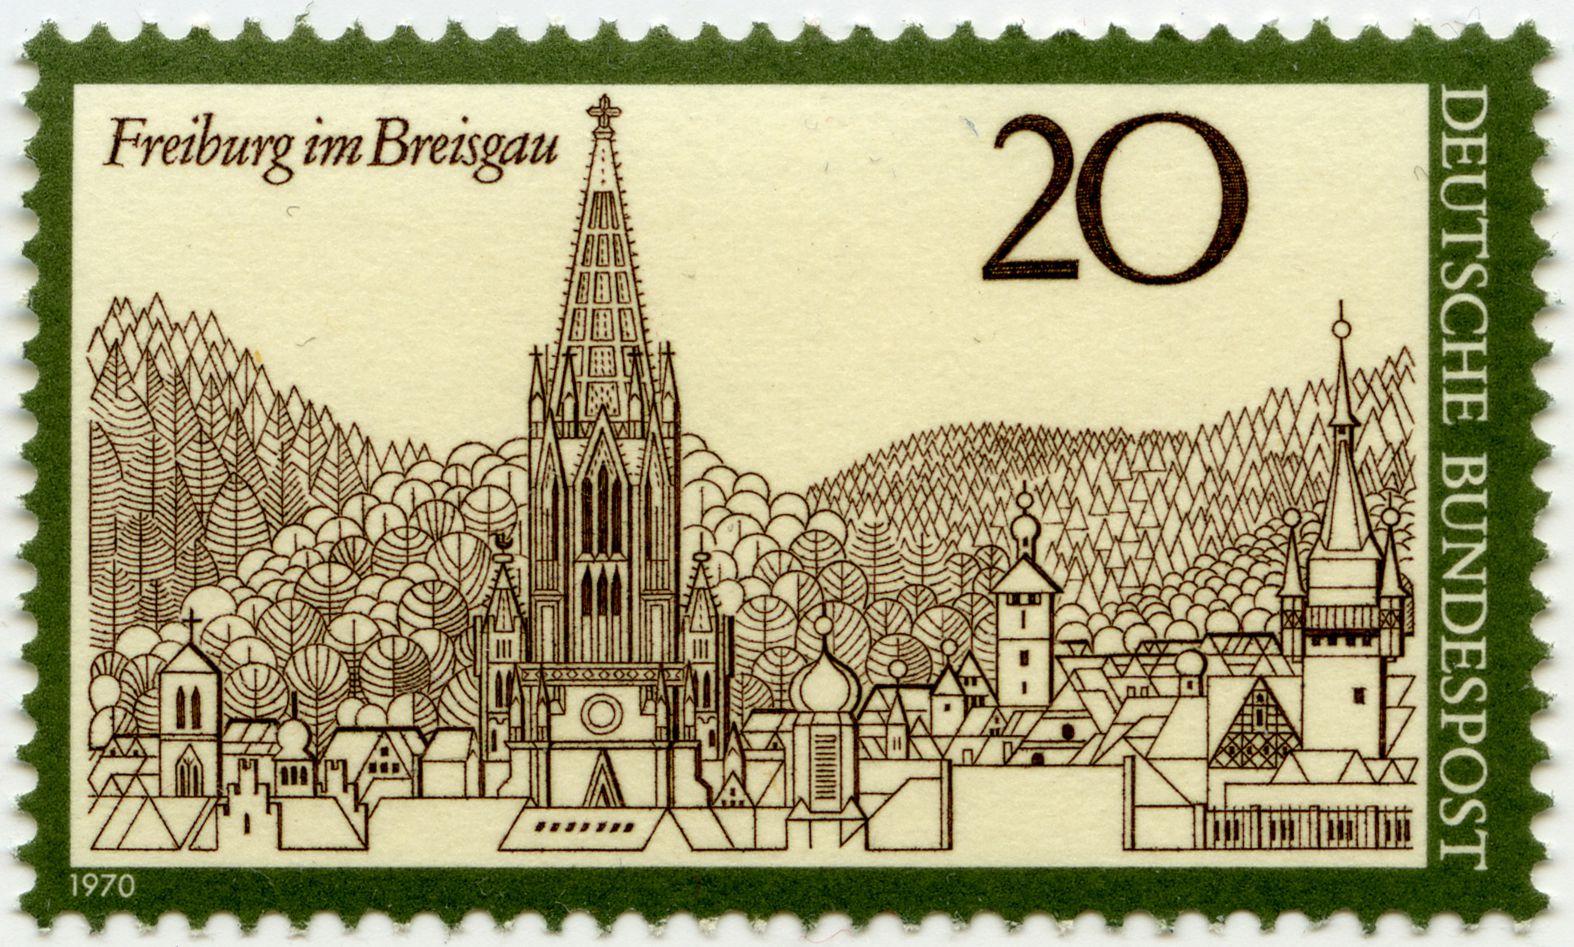 Freiburg im Breisgau Total view